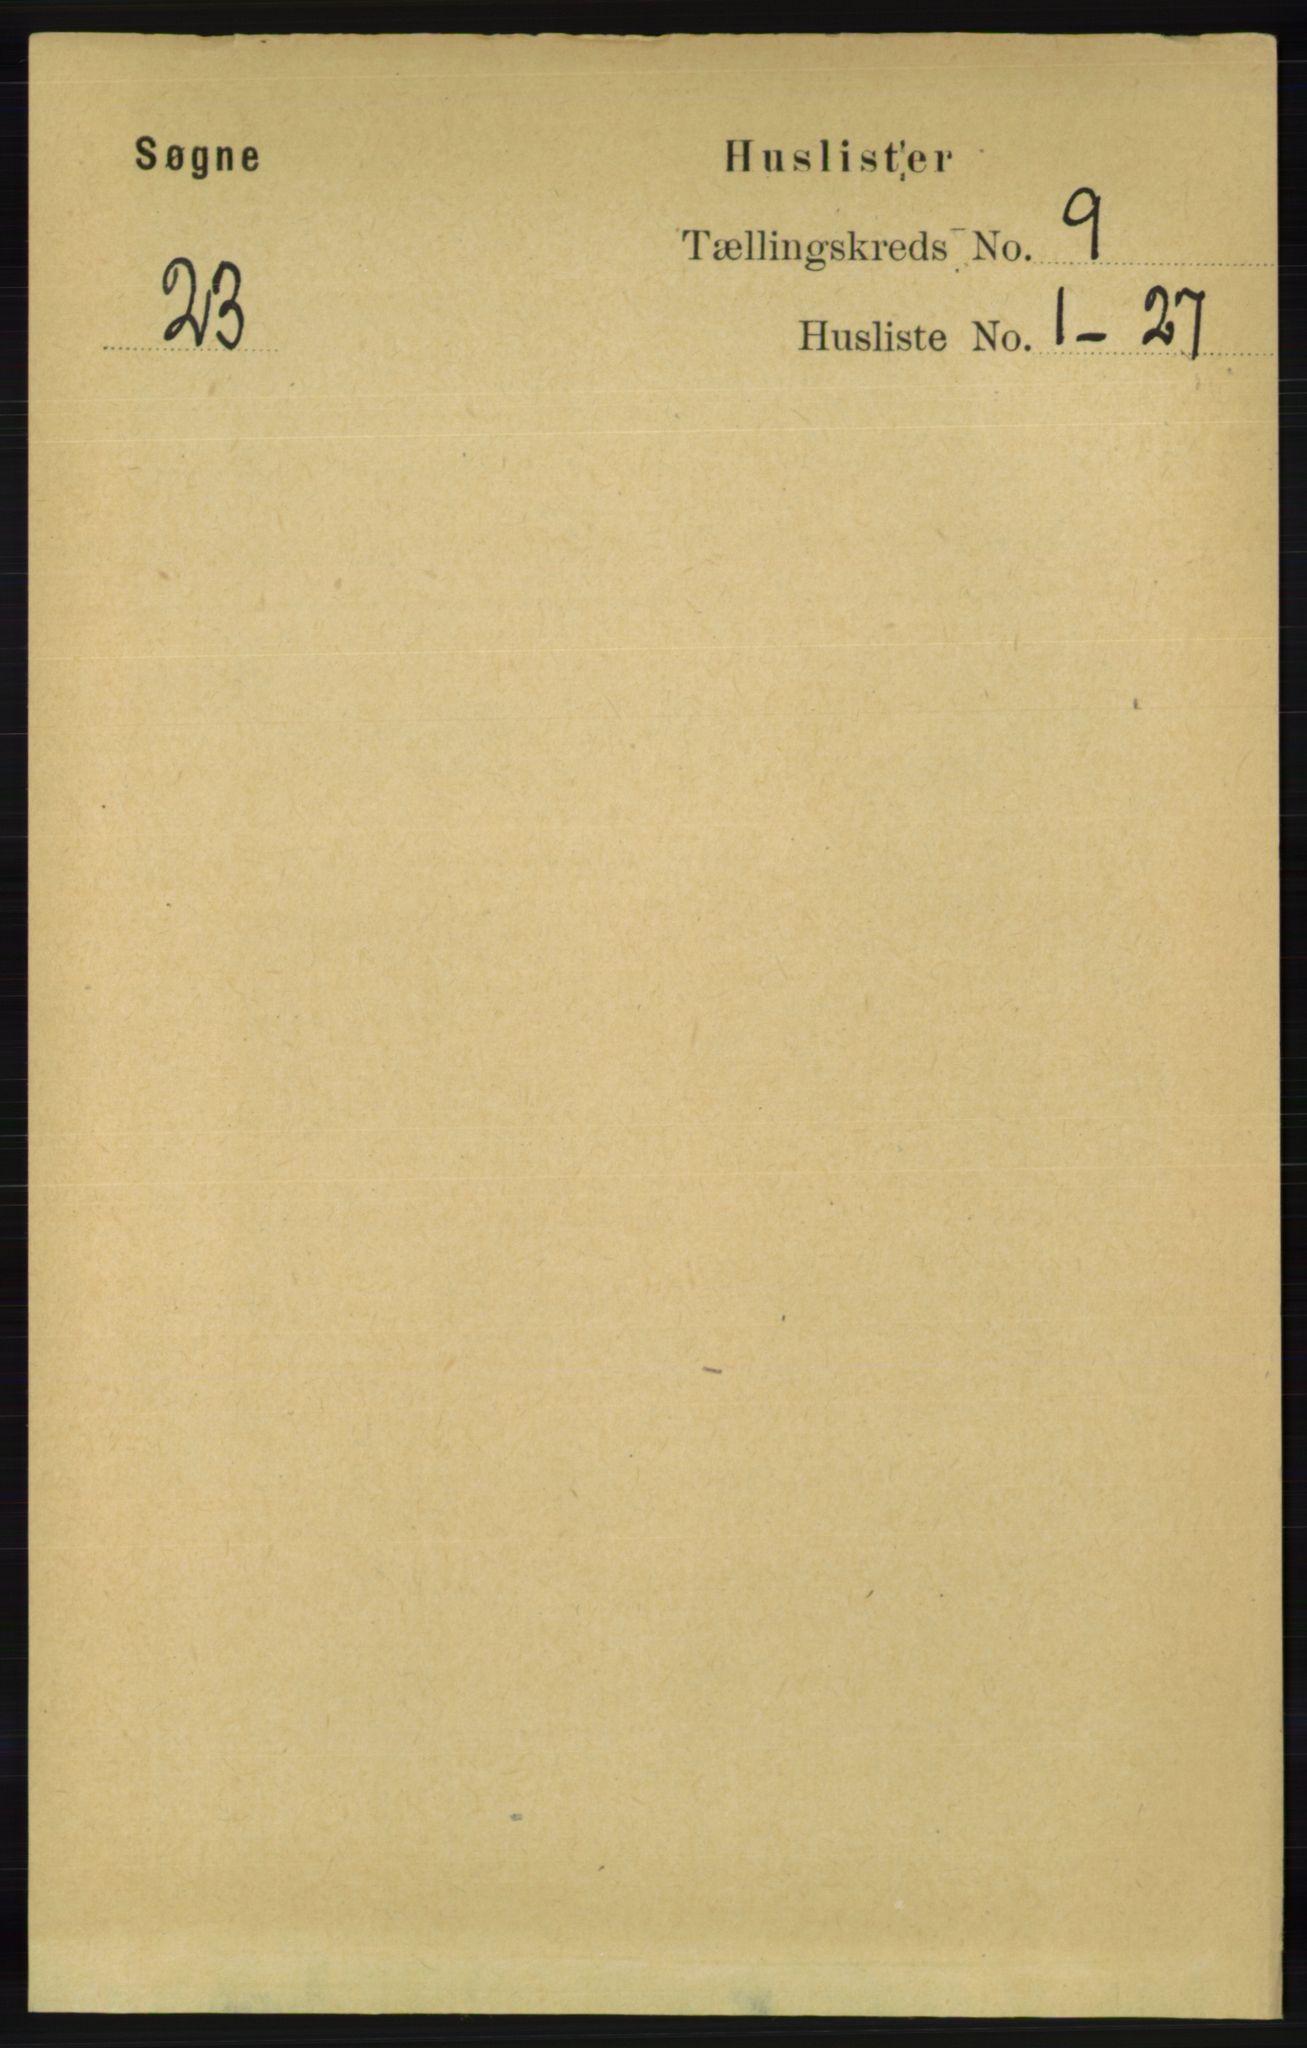 RA, Folketelling 1891 for 1018 Søgne herred, 1891, s. 2492